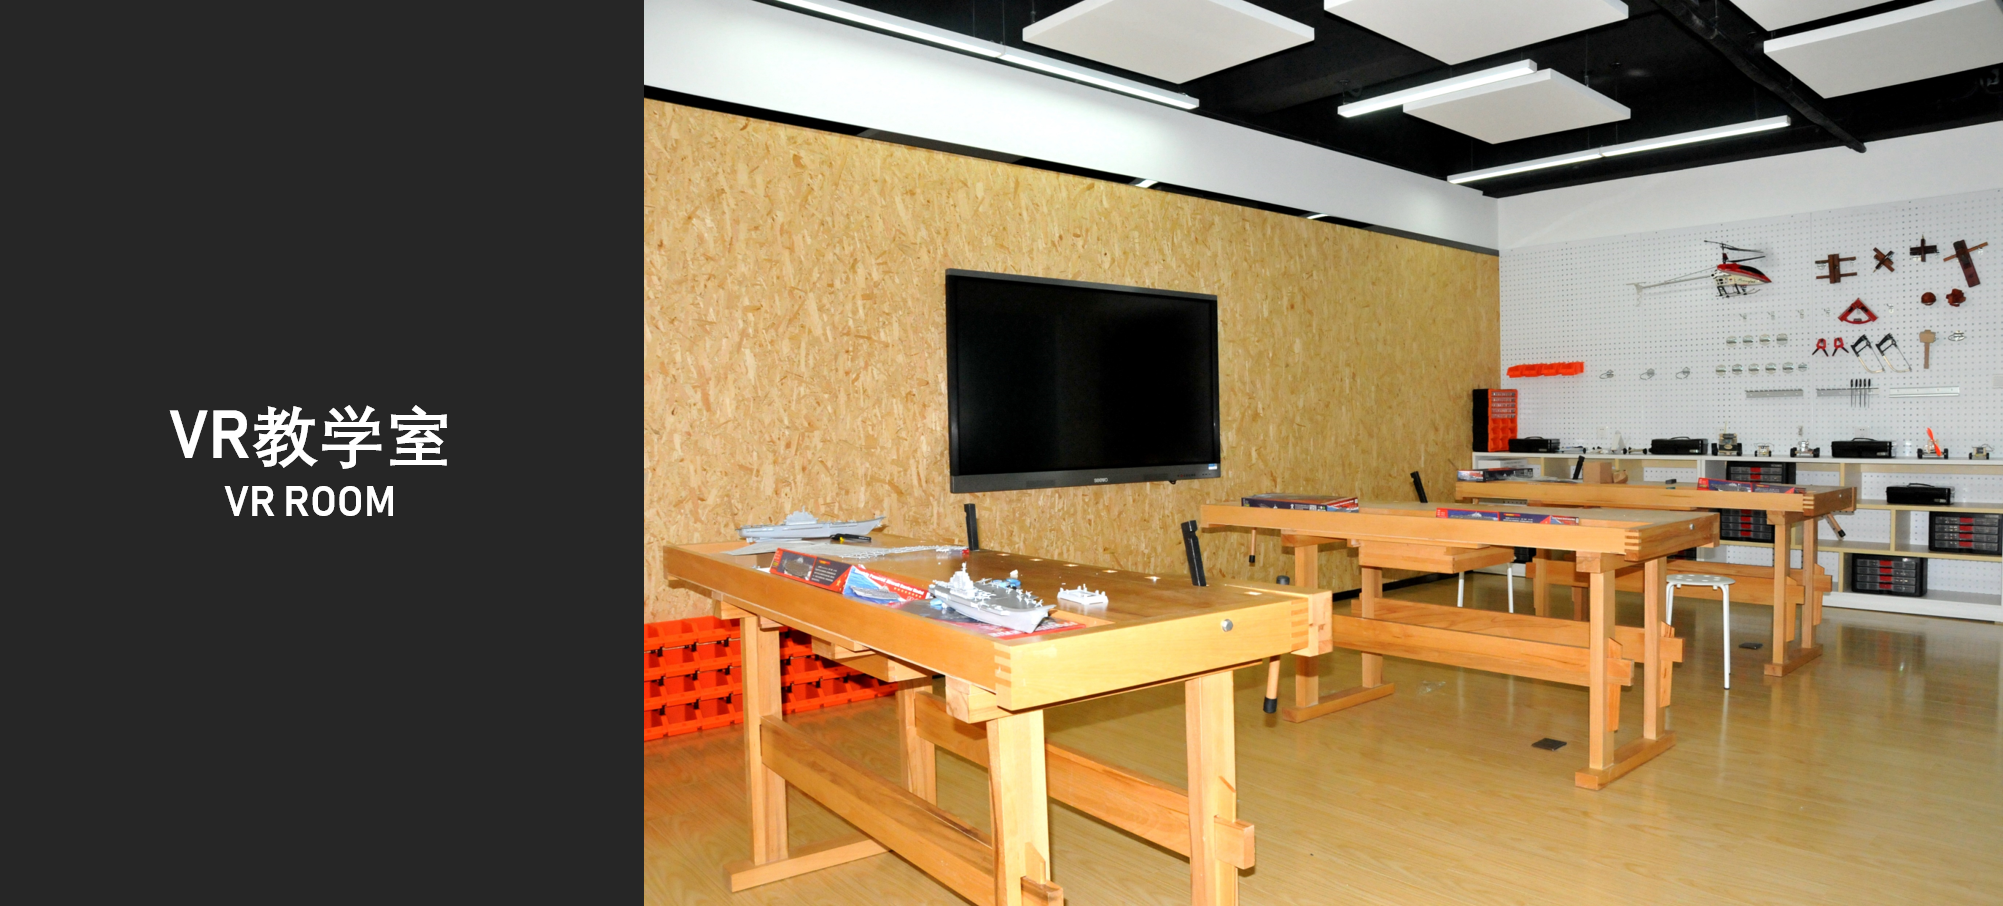 VR教学室设计